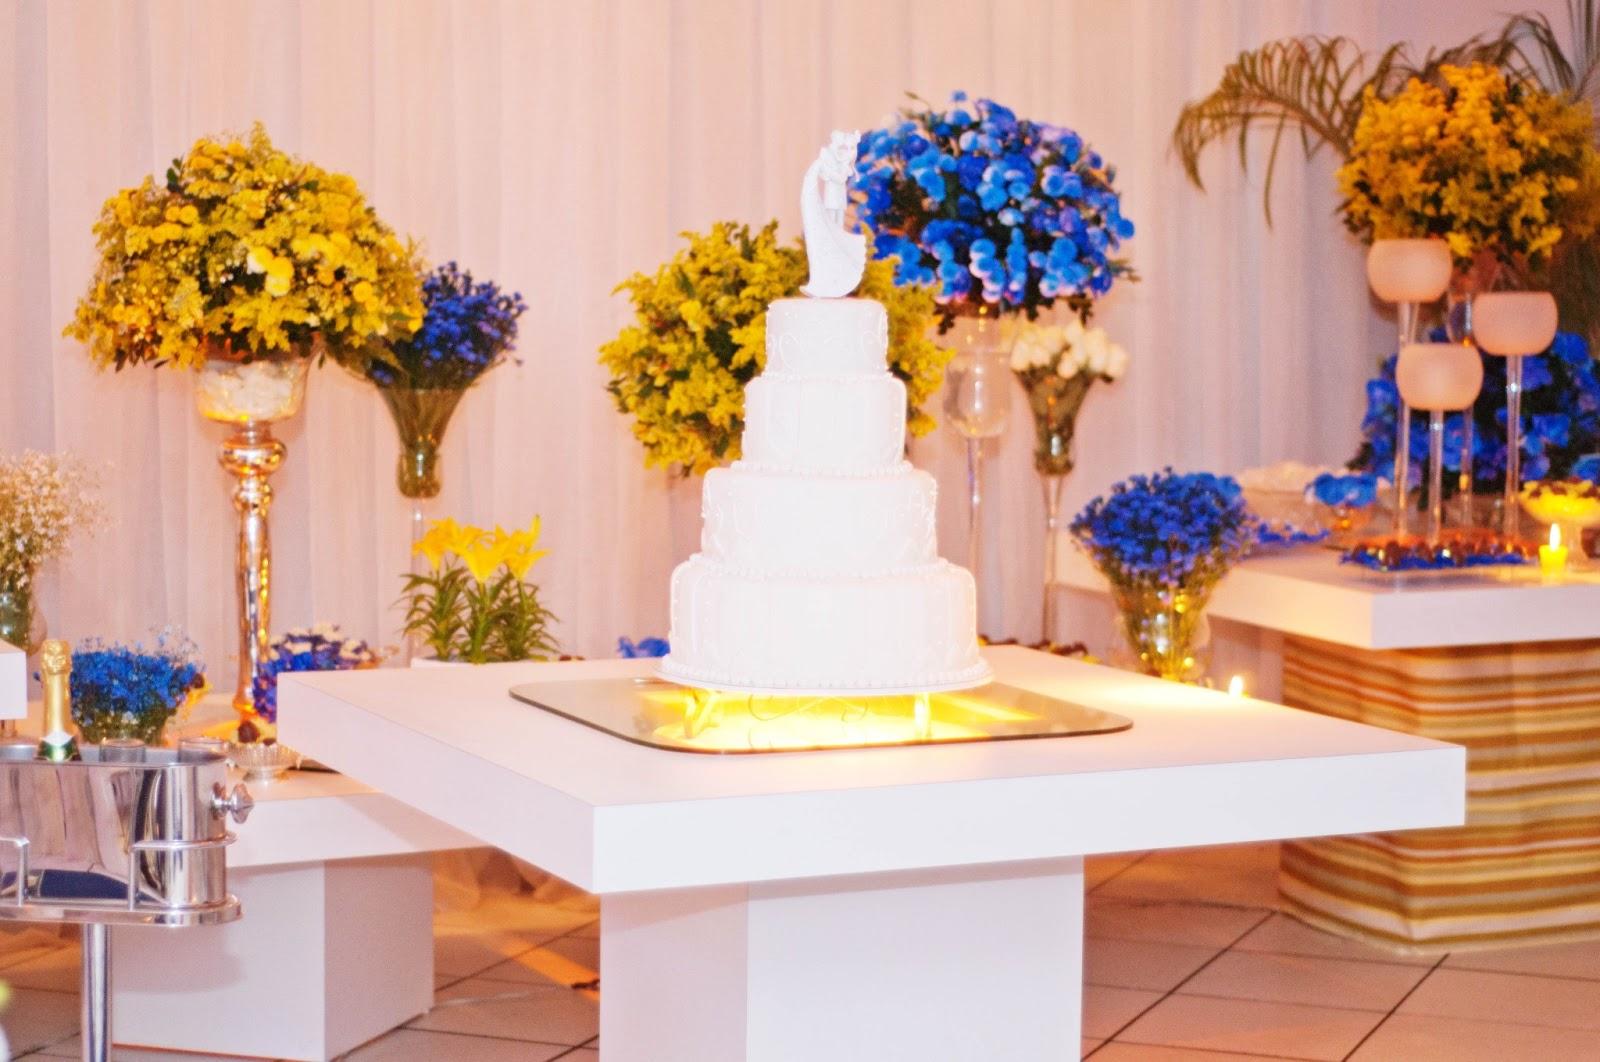 decoracao de igreja para casamento azul e amarelo:Decor+casamento+azul+e+amarelo+02.jpg